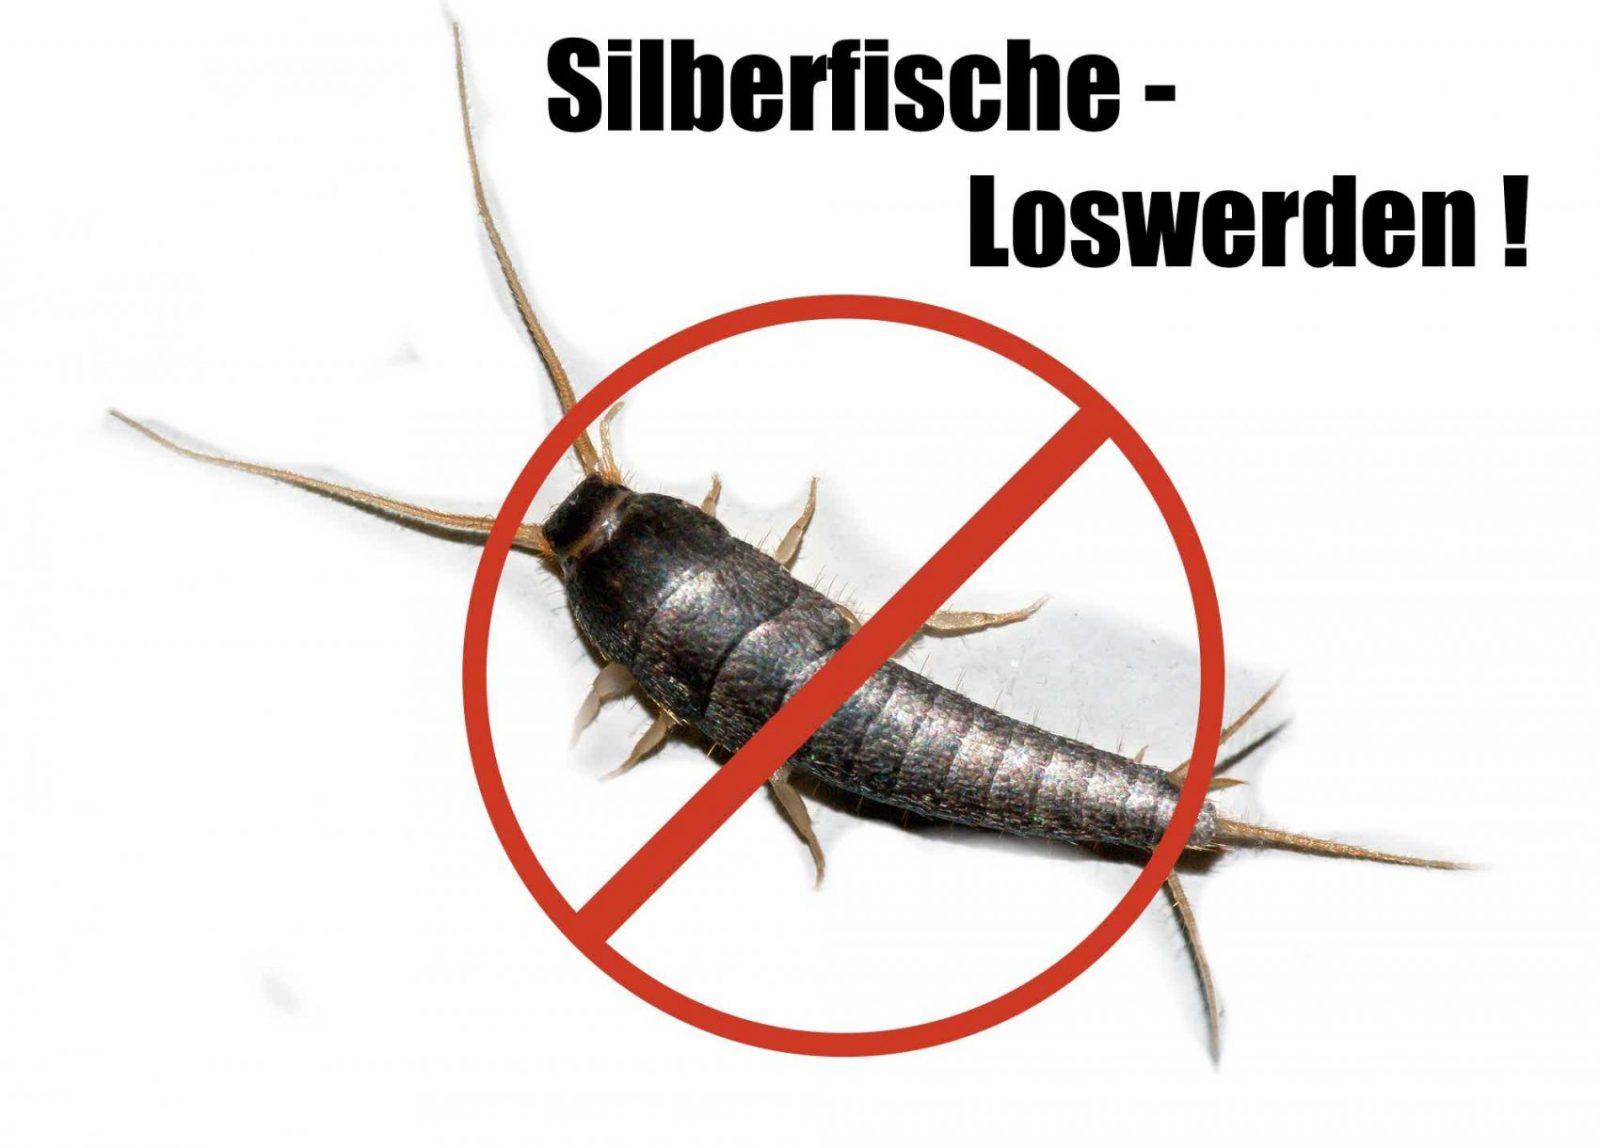 Mittel Gegen Silberfische Innenarchitektur Ehrf Rchtiges Mittel von Mittel Gegen Silberfische Im Schlafzimmer Bild